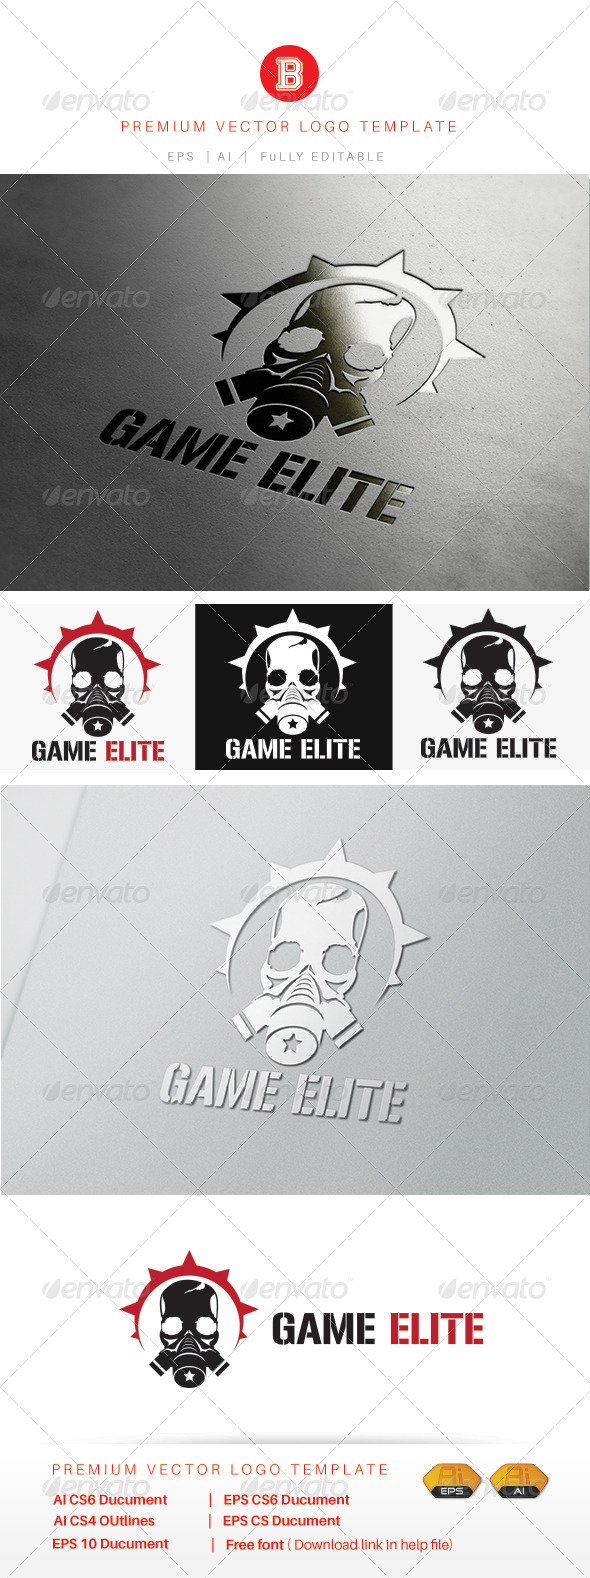 GraphicRiver Game Elite 7983201